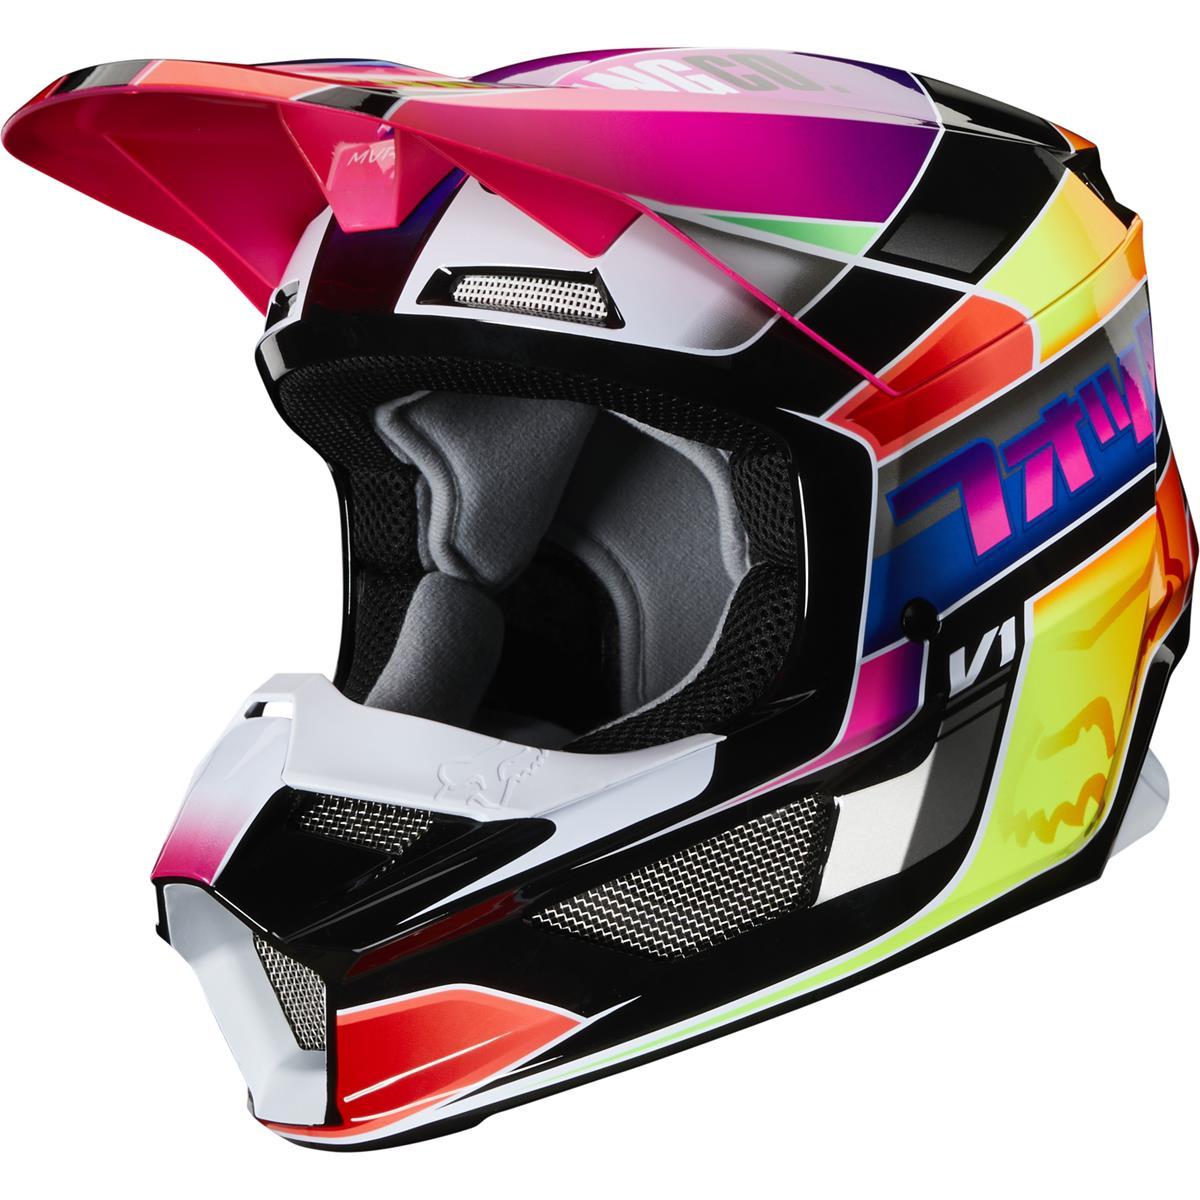 Fox Helm V1 YORR - Mehrfarbig